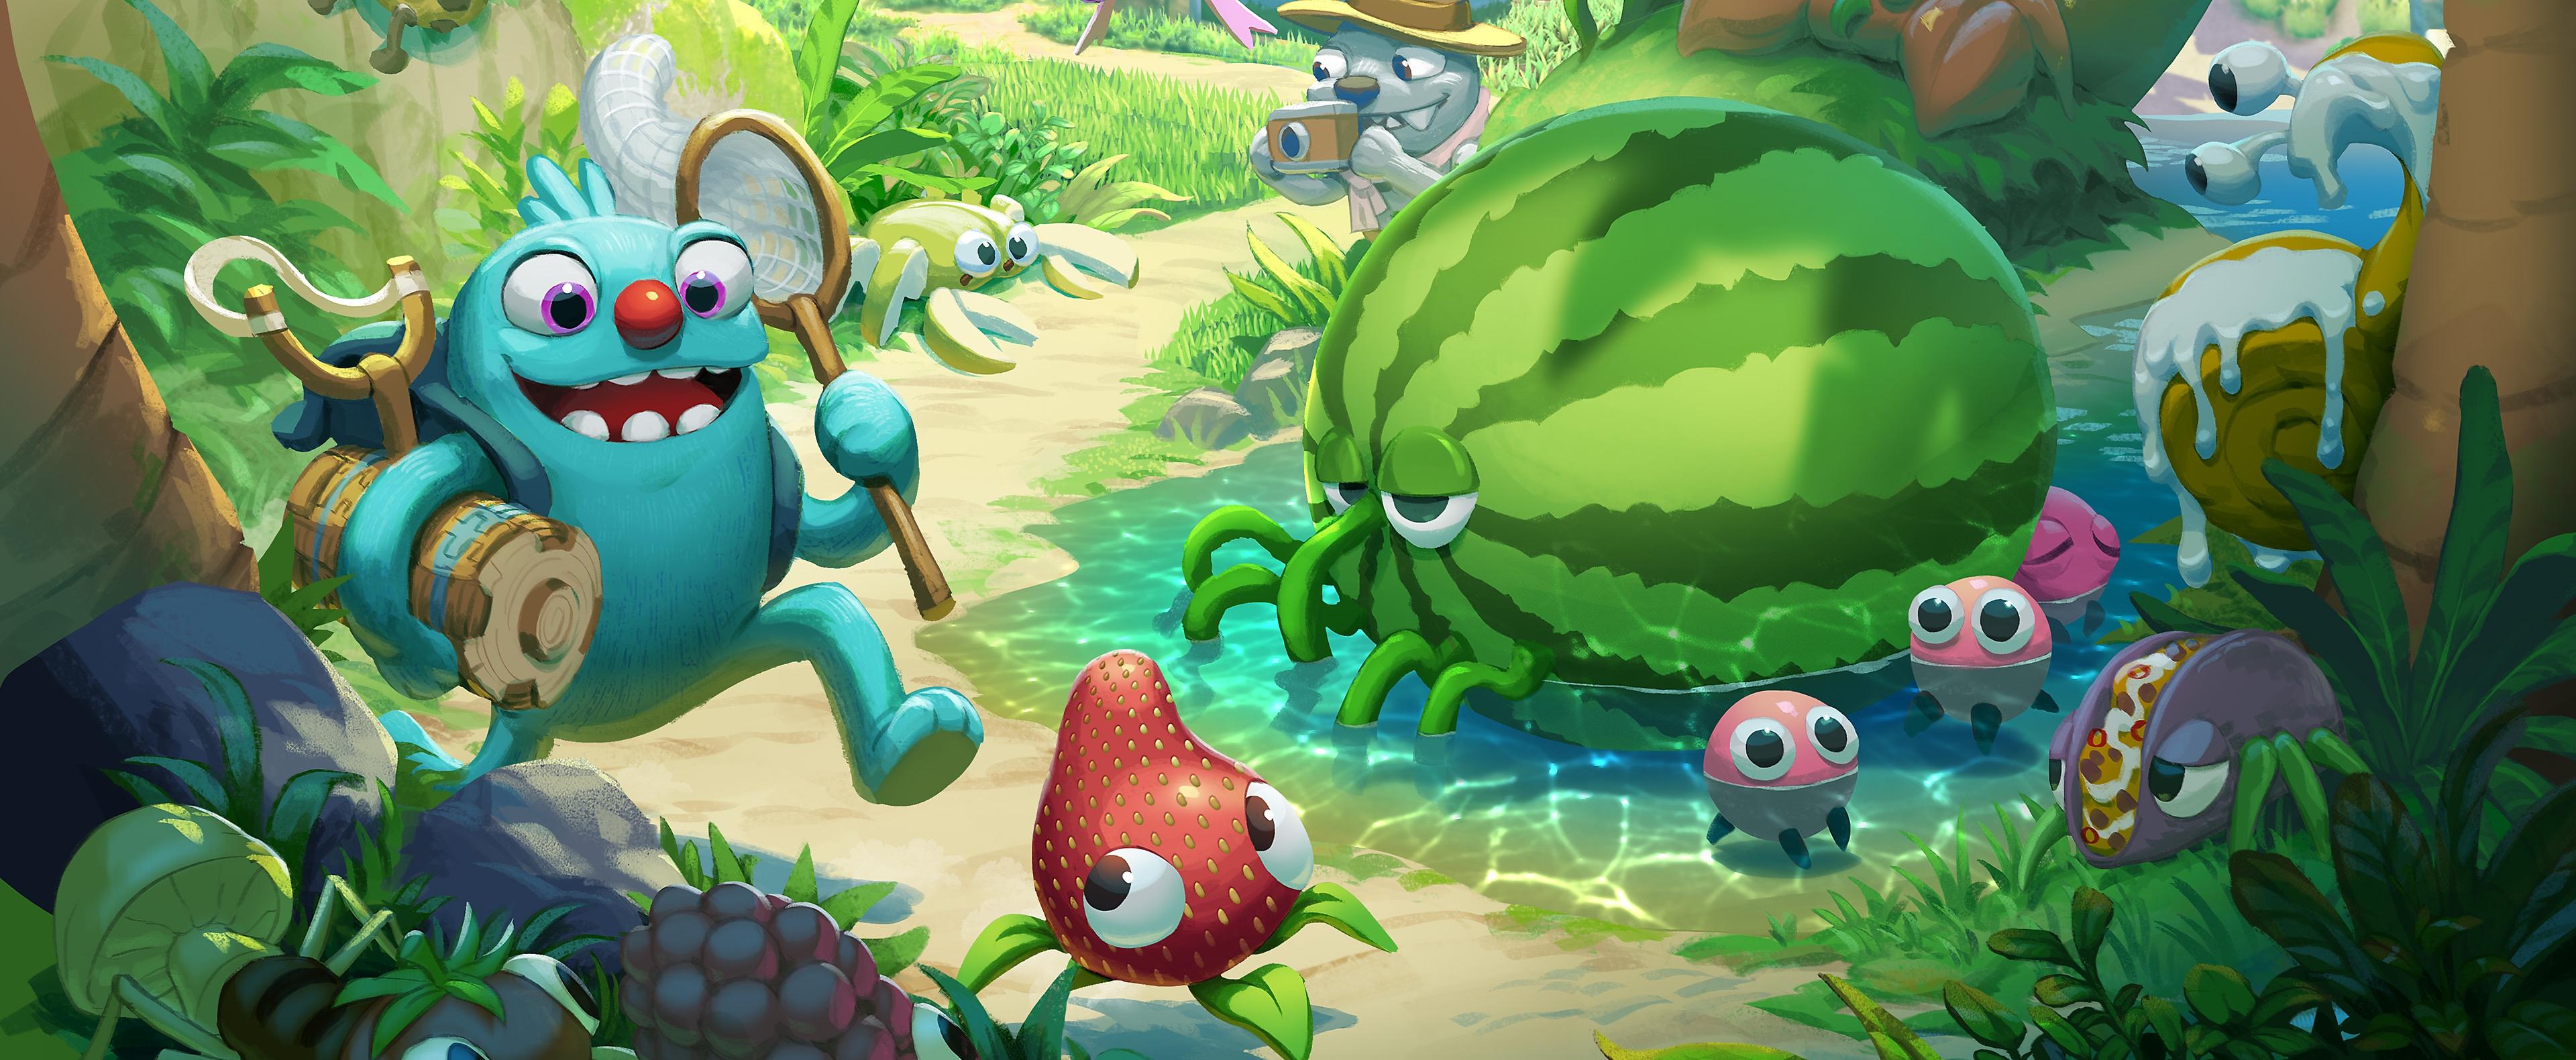 Posnetek junaka iz igre Bugsnax